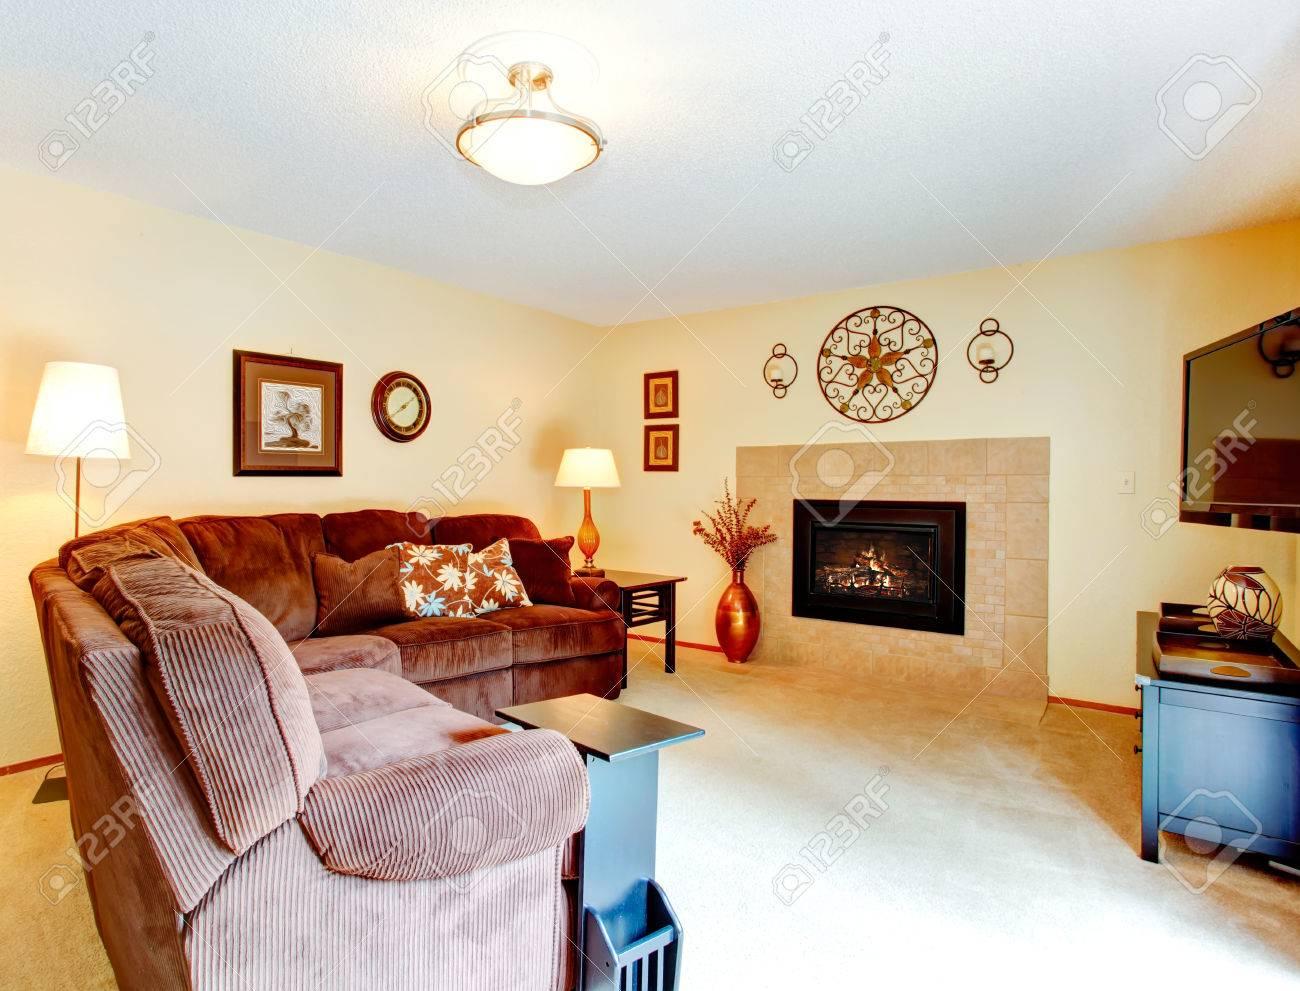 Gemütliches Wohnzimmer Mit Bequemen Braunen Sofa, Kamin Und Fernseher  Standard Bild   34317333